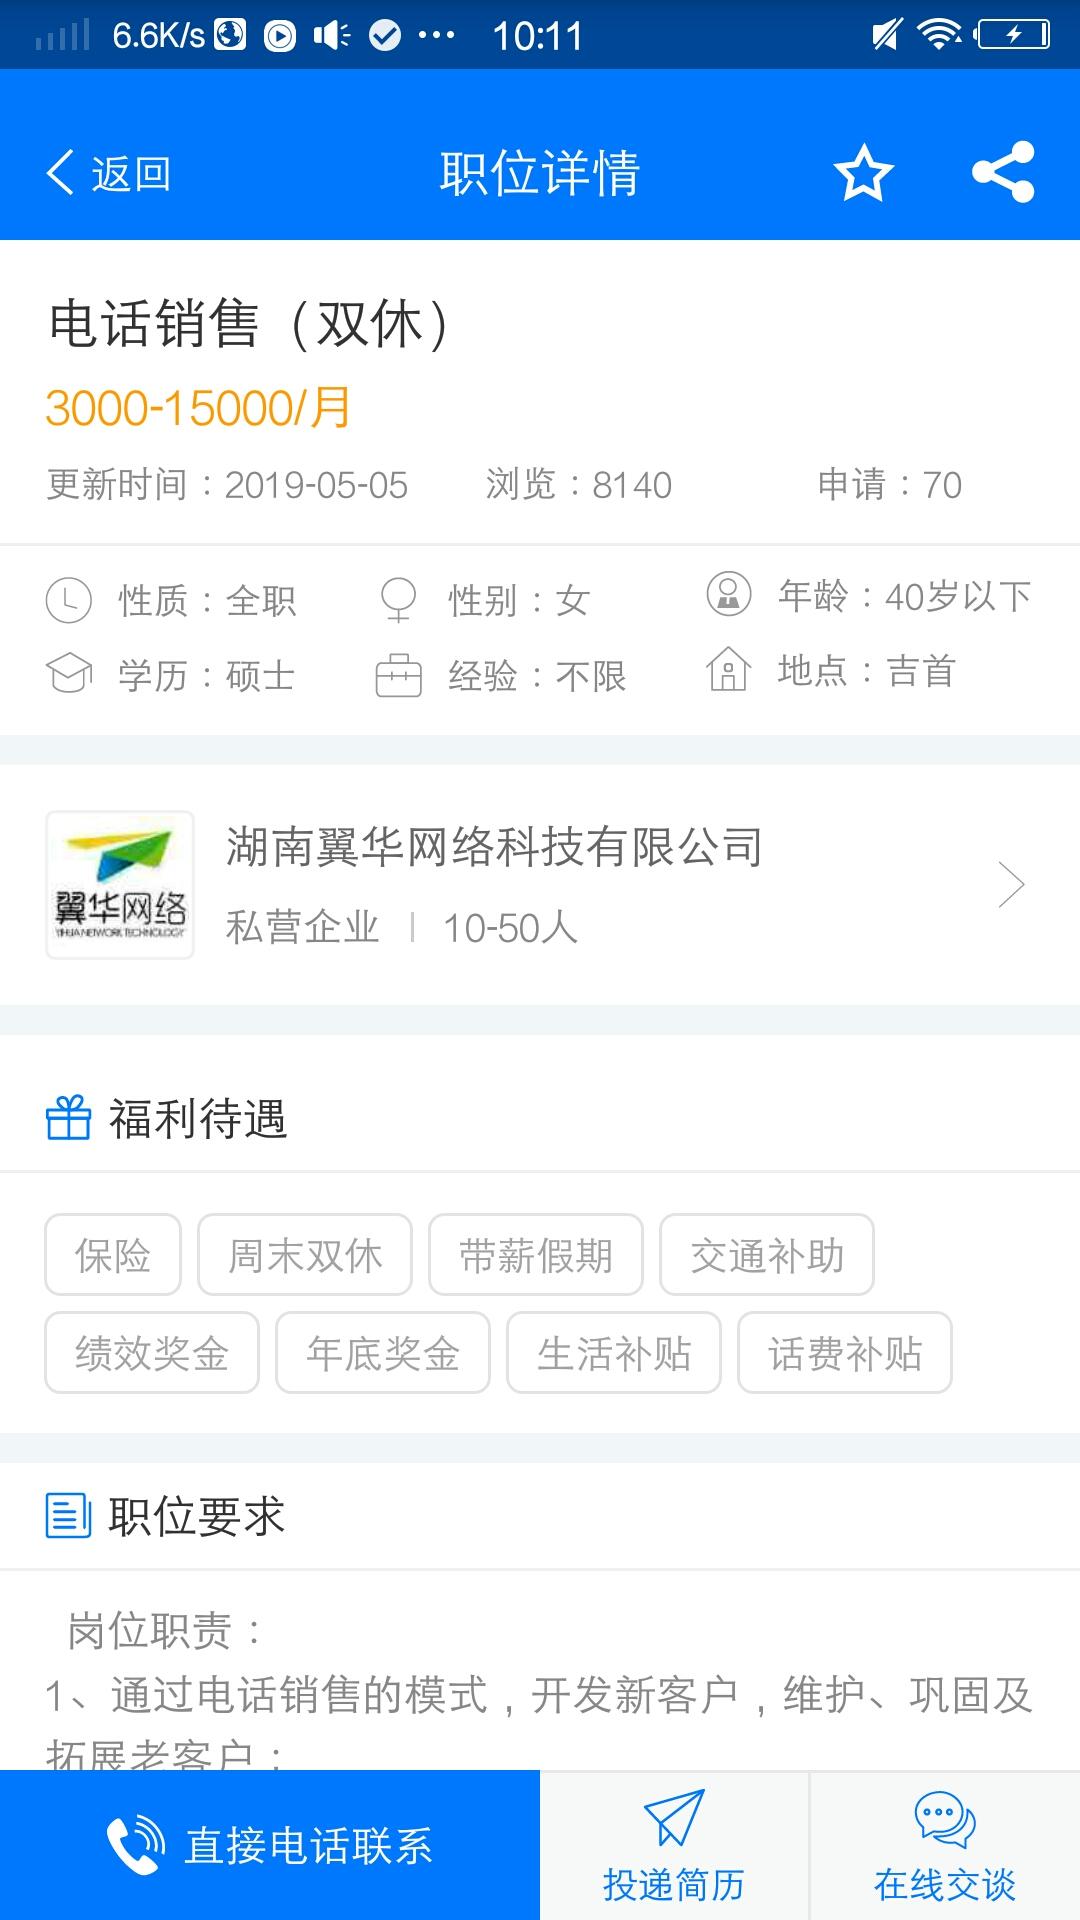 金豪棋牌app手机版下载人才网app个人企业详情